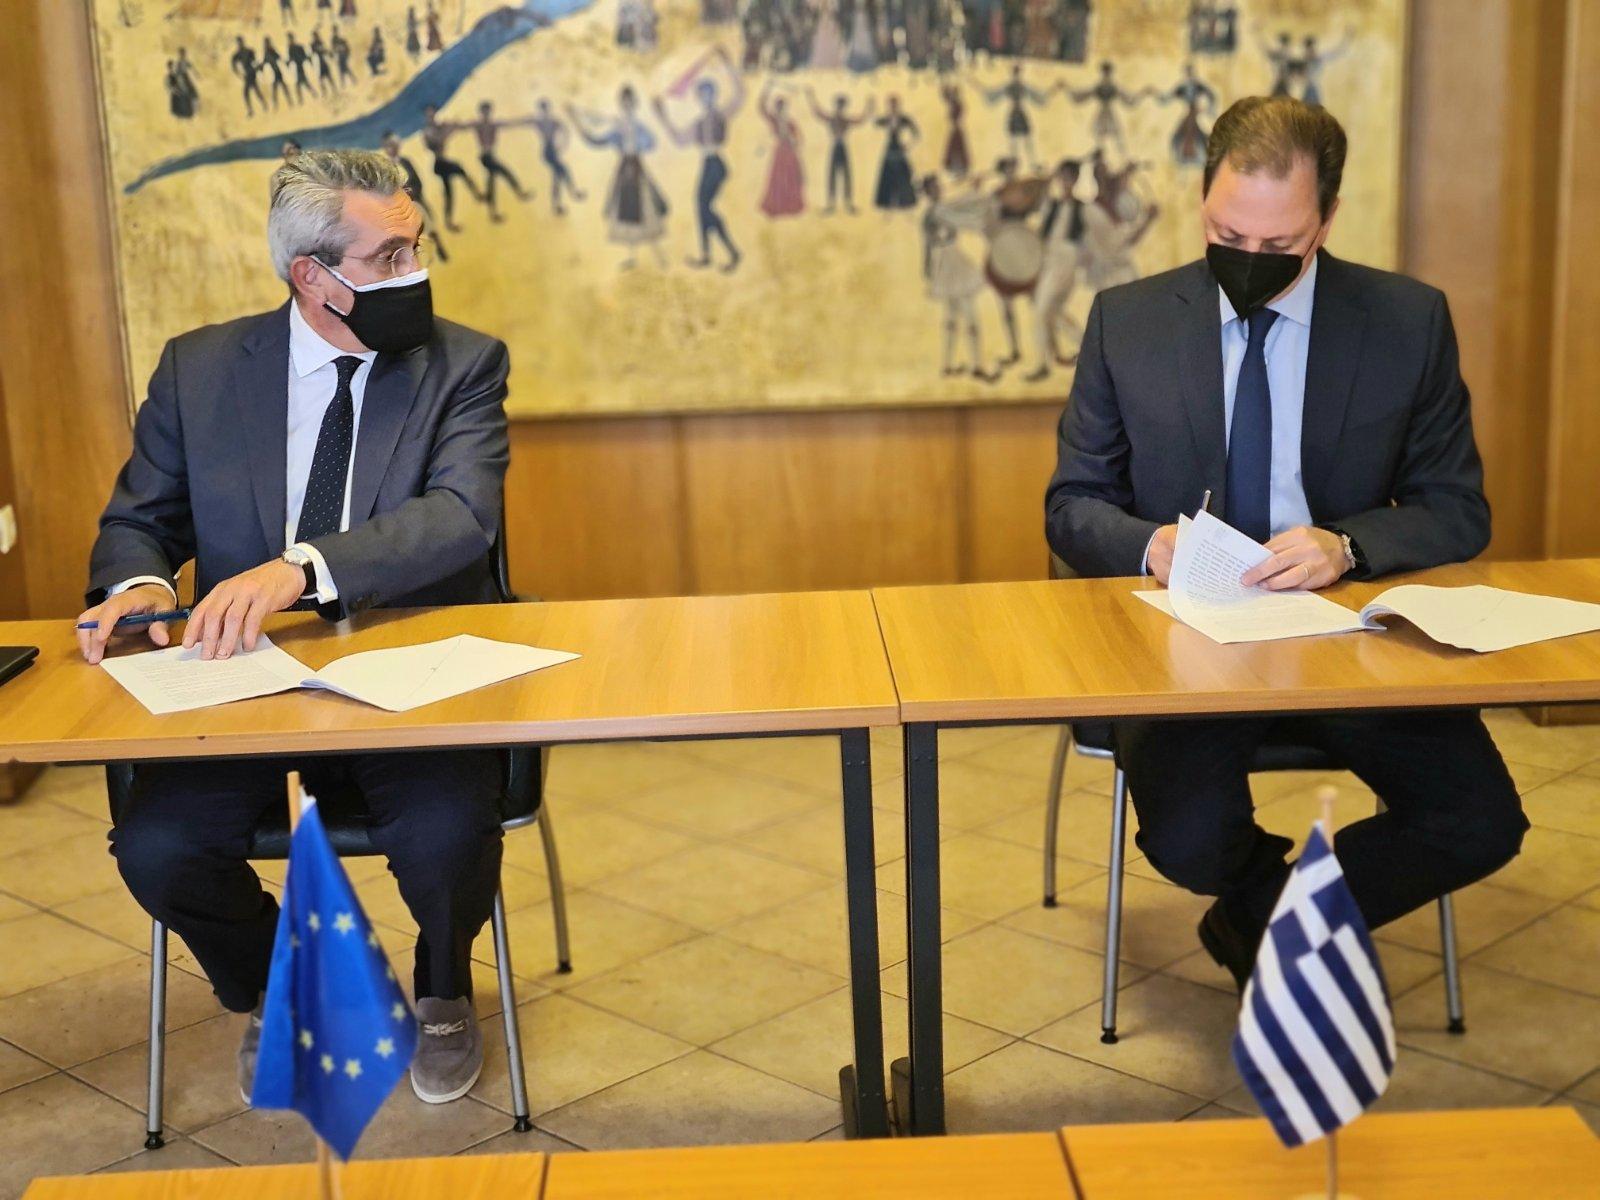 Την κατάρτιση των διαχειριστικών σχεδίων βόσκησης στο Νότιο Αιγαίο αναλαμβάνει η Περιφέρεια